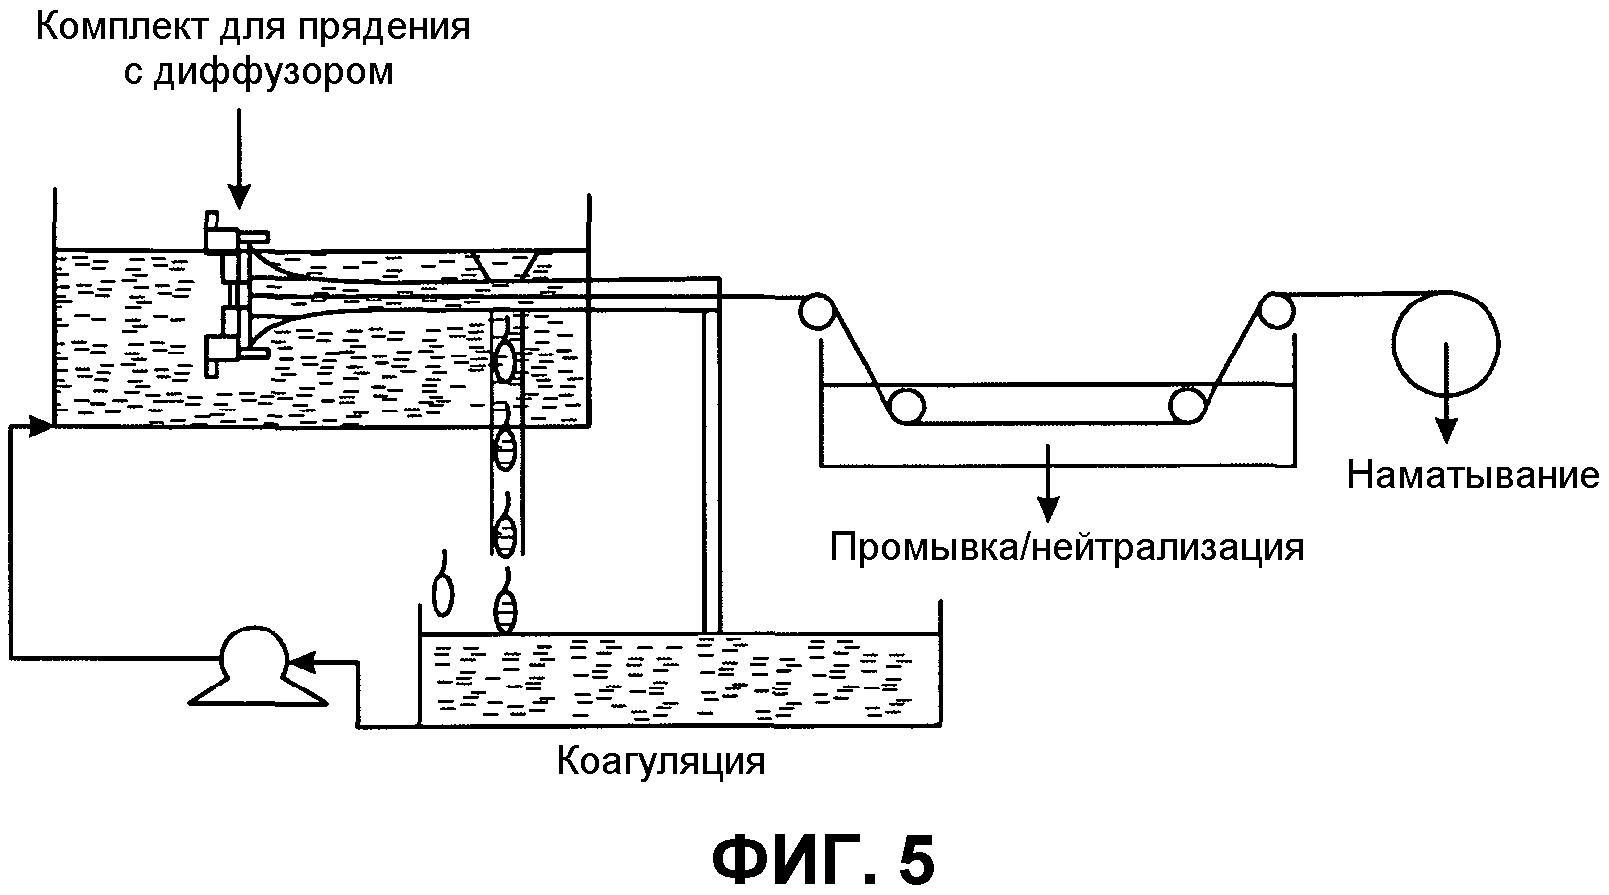 Способ прядения волокон из графеновых лент